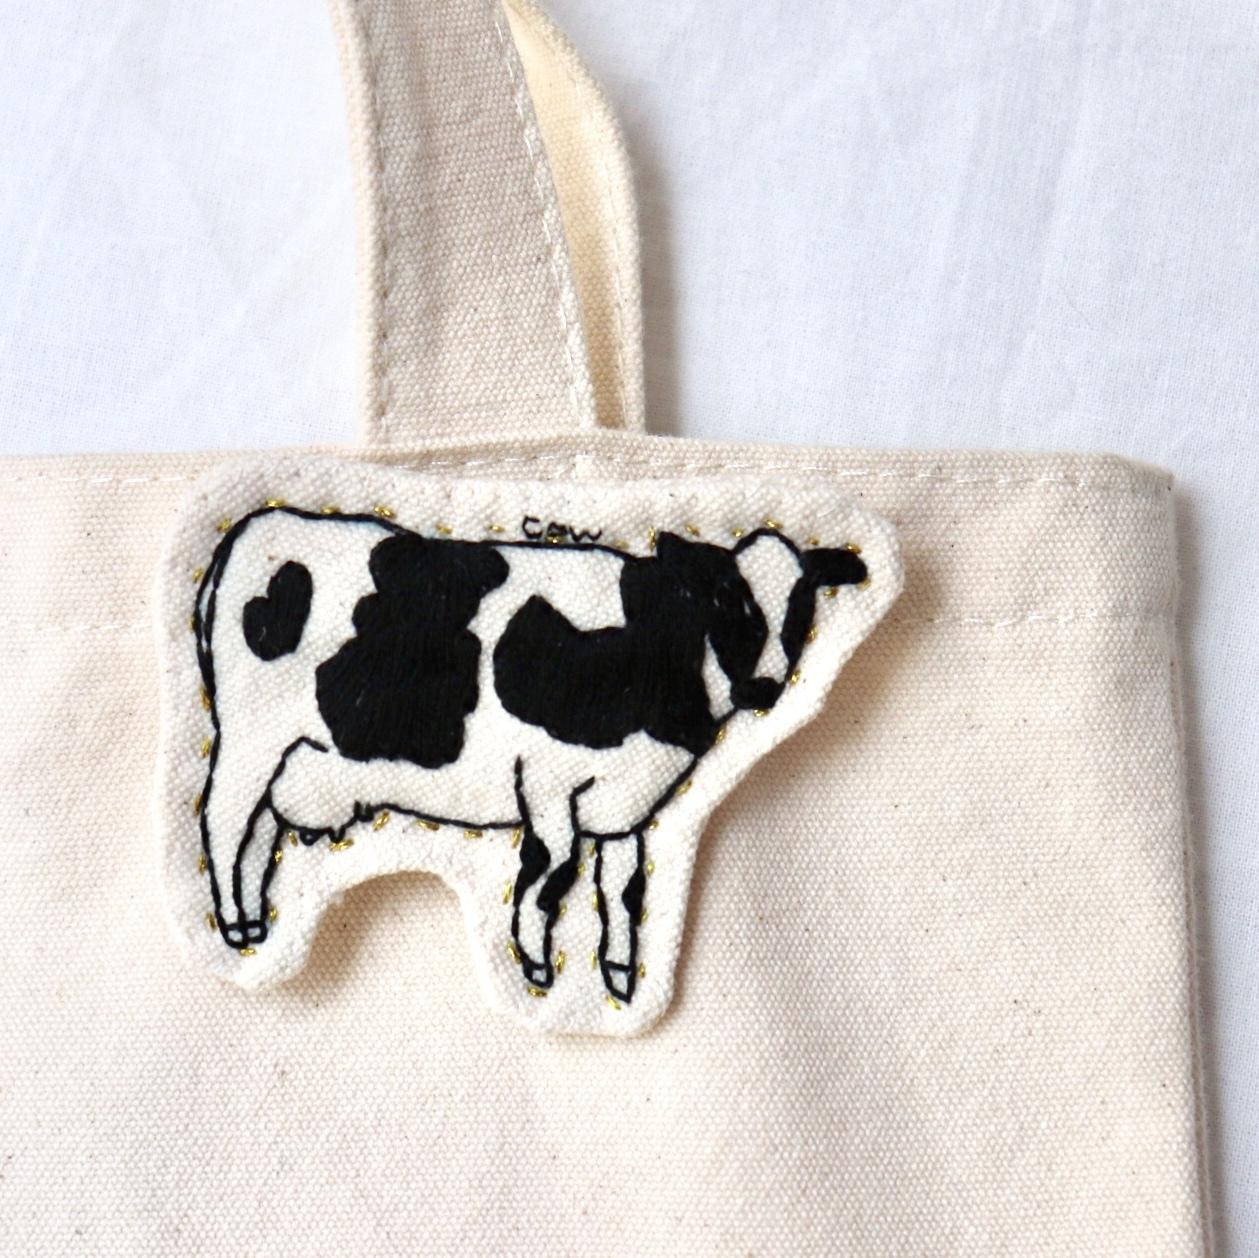 牛のハンドメイド刺繍ブローチ